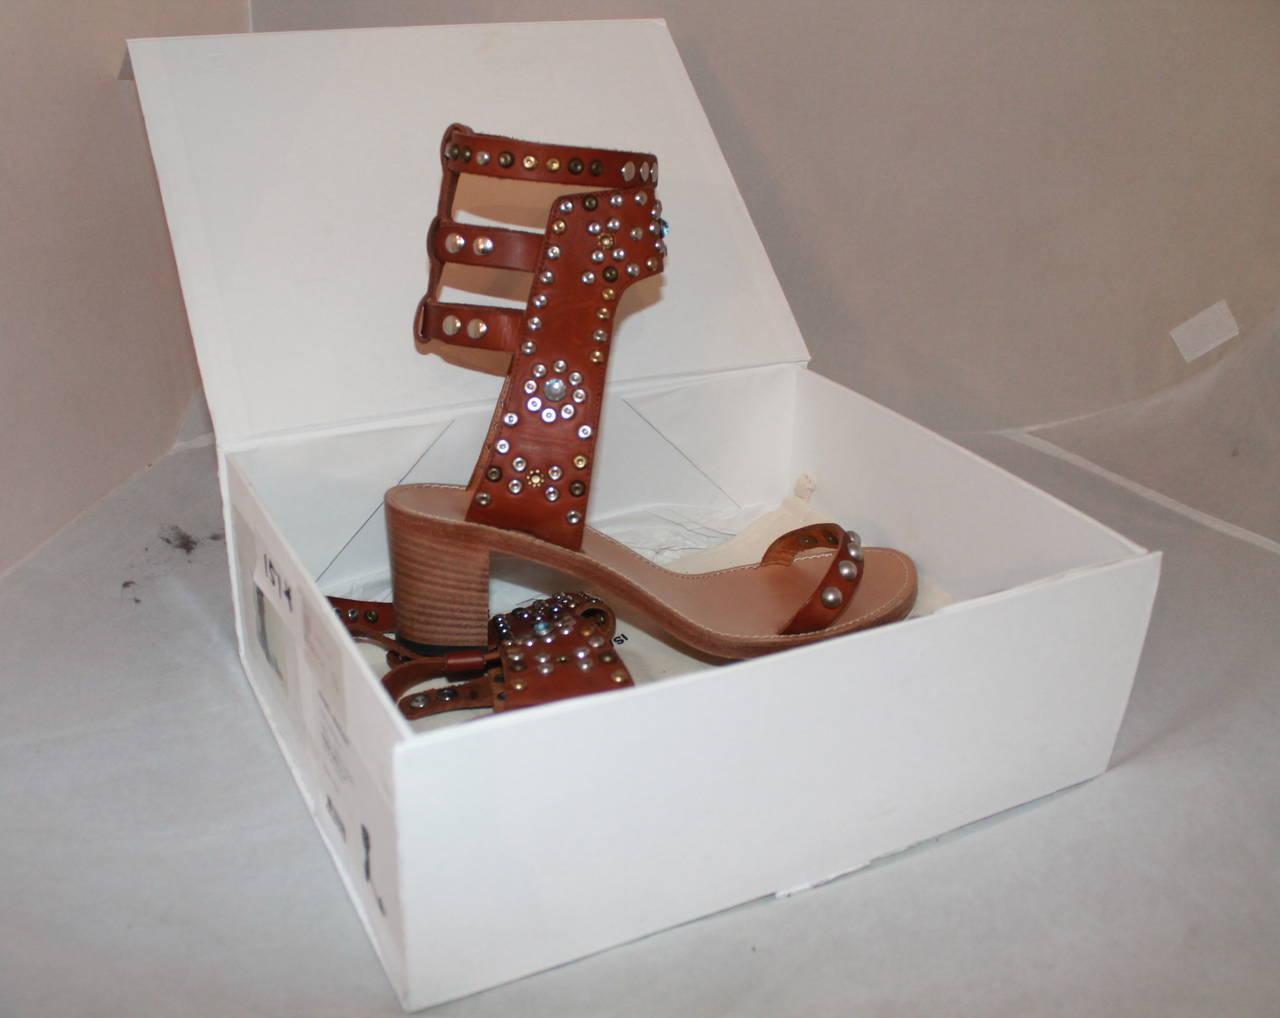 Isabel Marant Leather & Cap Embellished Sandals - 41 4